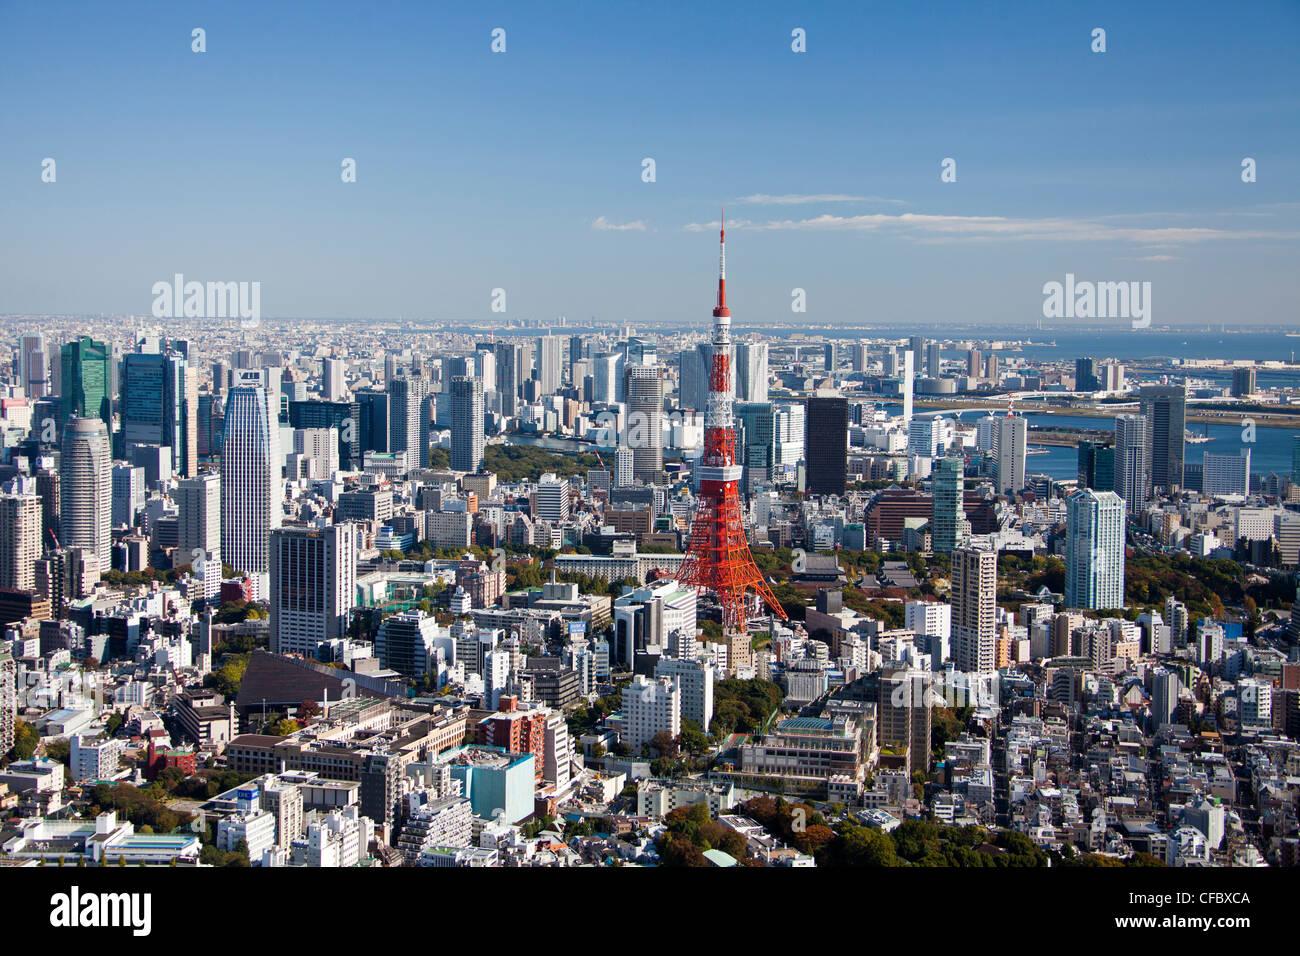 Giappone, Asia, Tokyo, città, Tokyo, la Torre di Tokyo, architettura, grande, edifici, città enorme metropoli, moderno, Foto Stock